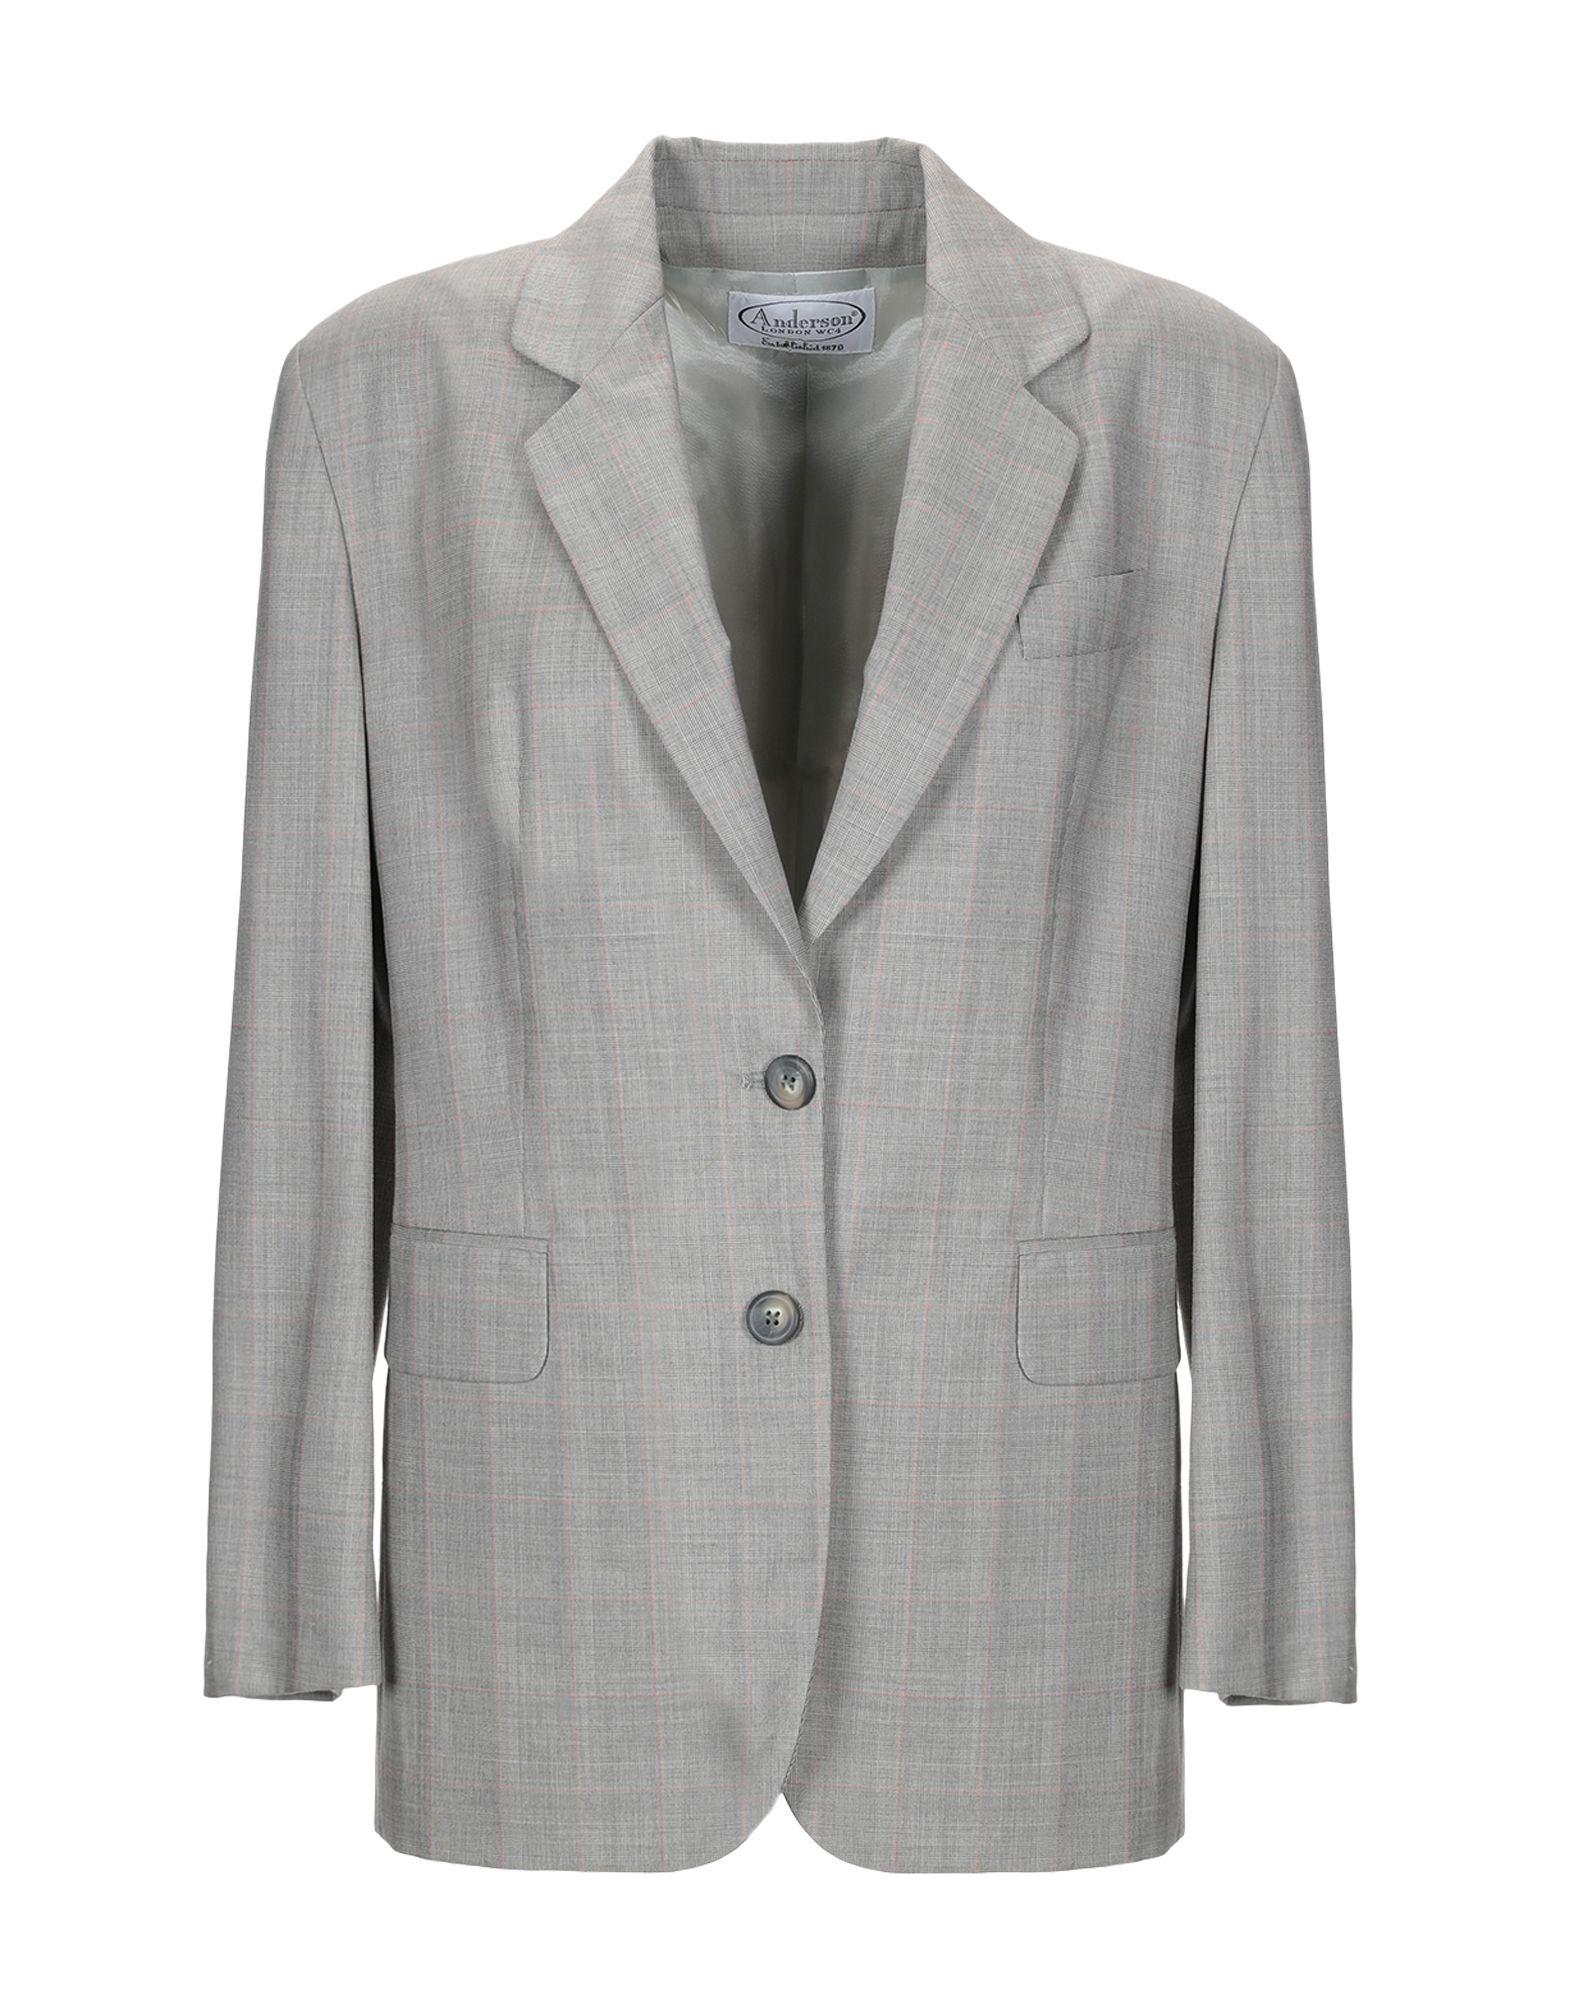 《送料無料》ANDERSON レディース テーラードジャケット ベージュ 42 ウール 100%